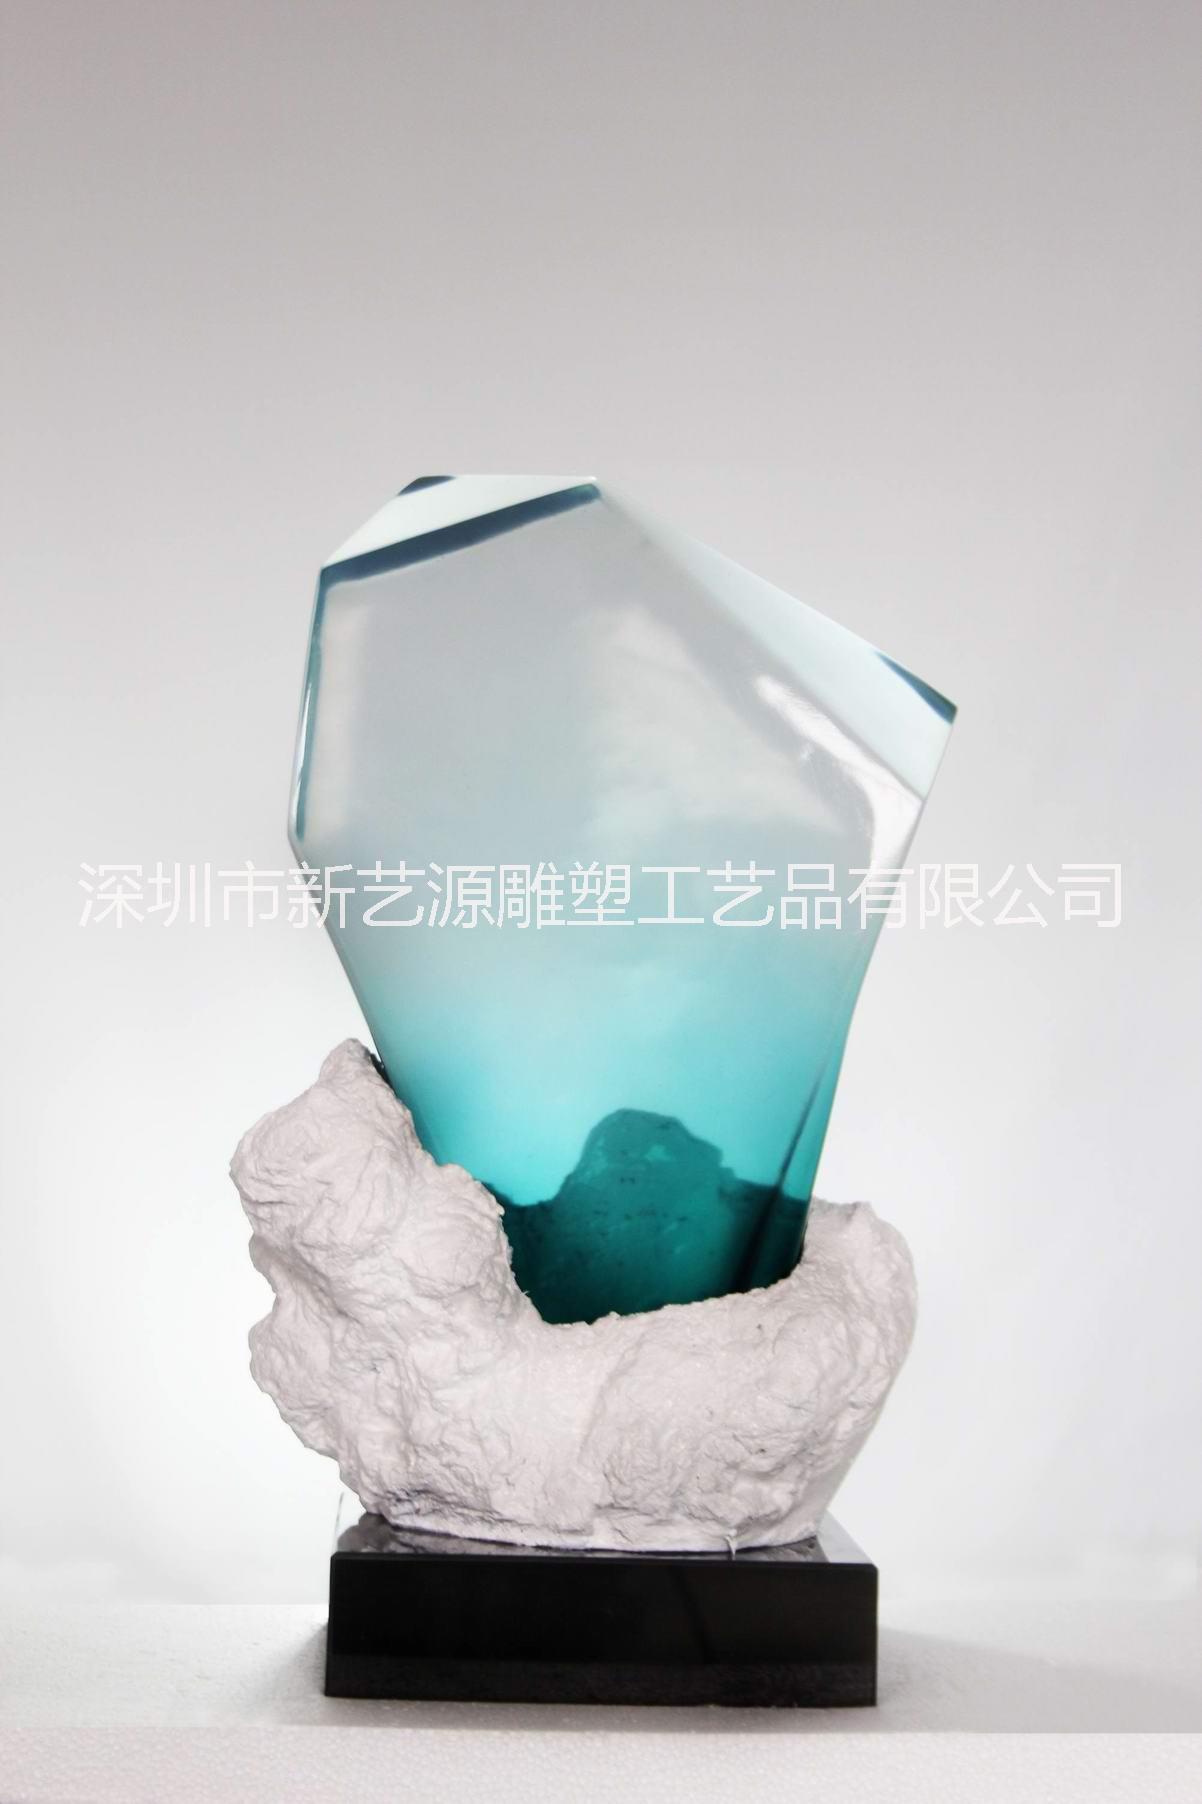 透明树脂雕塑摆件挂件